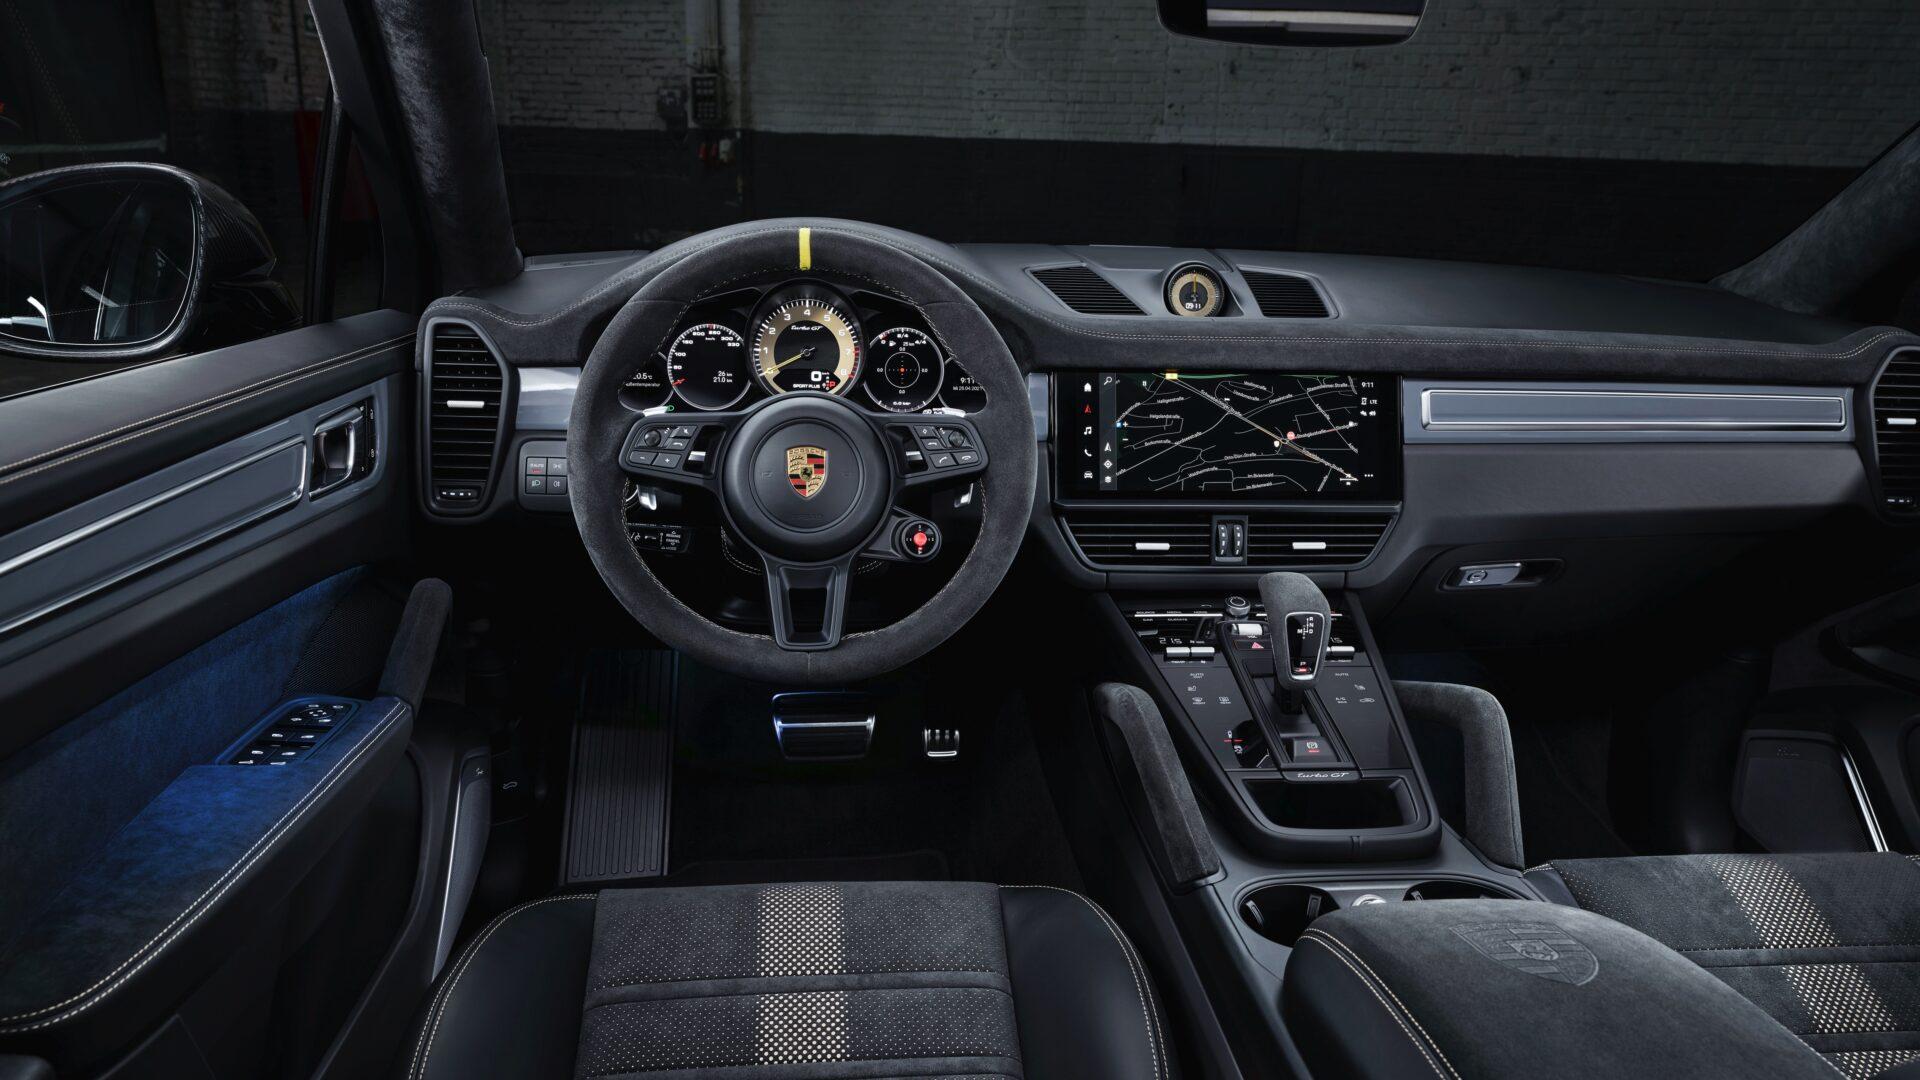 Nuevo Porsche Cayenne Turbo GT interior